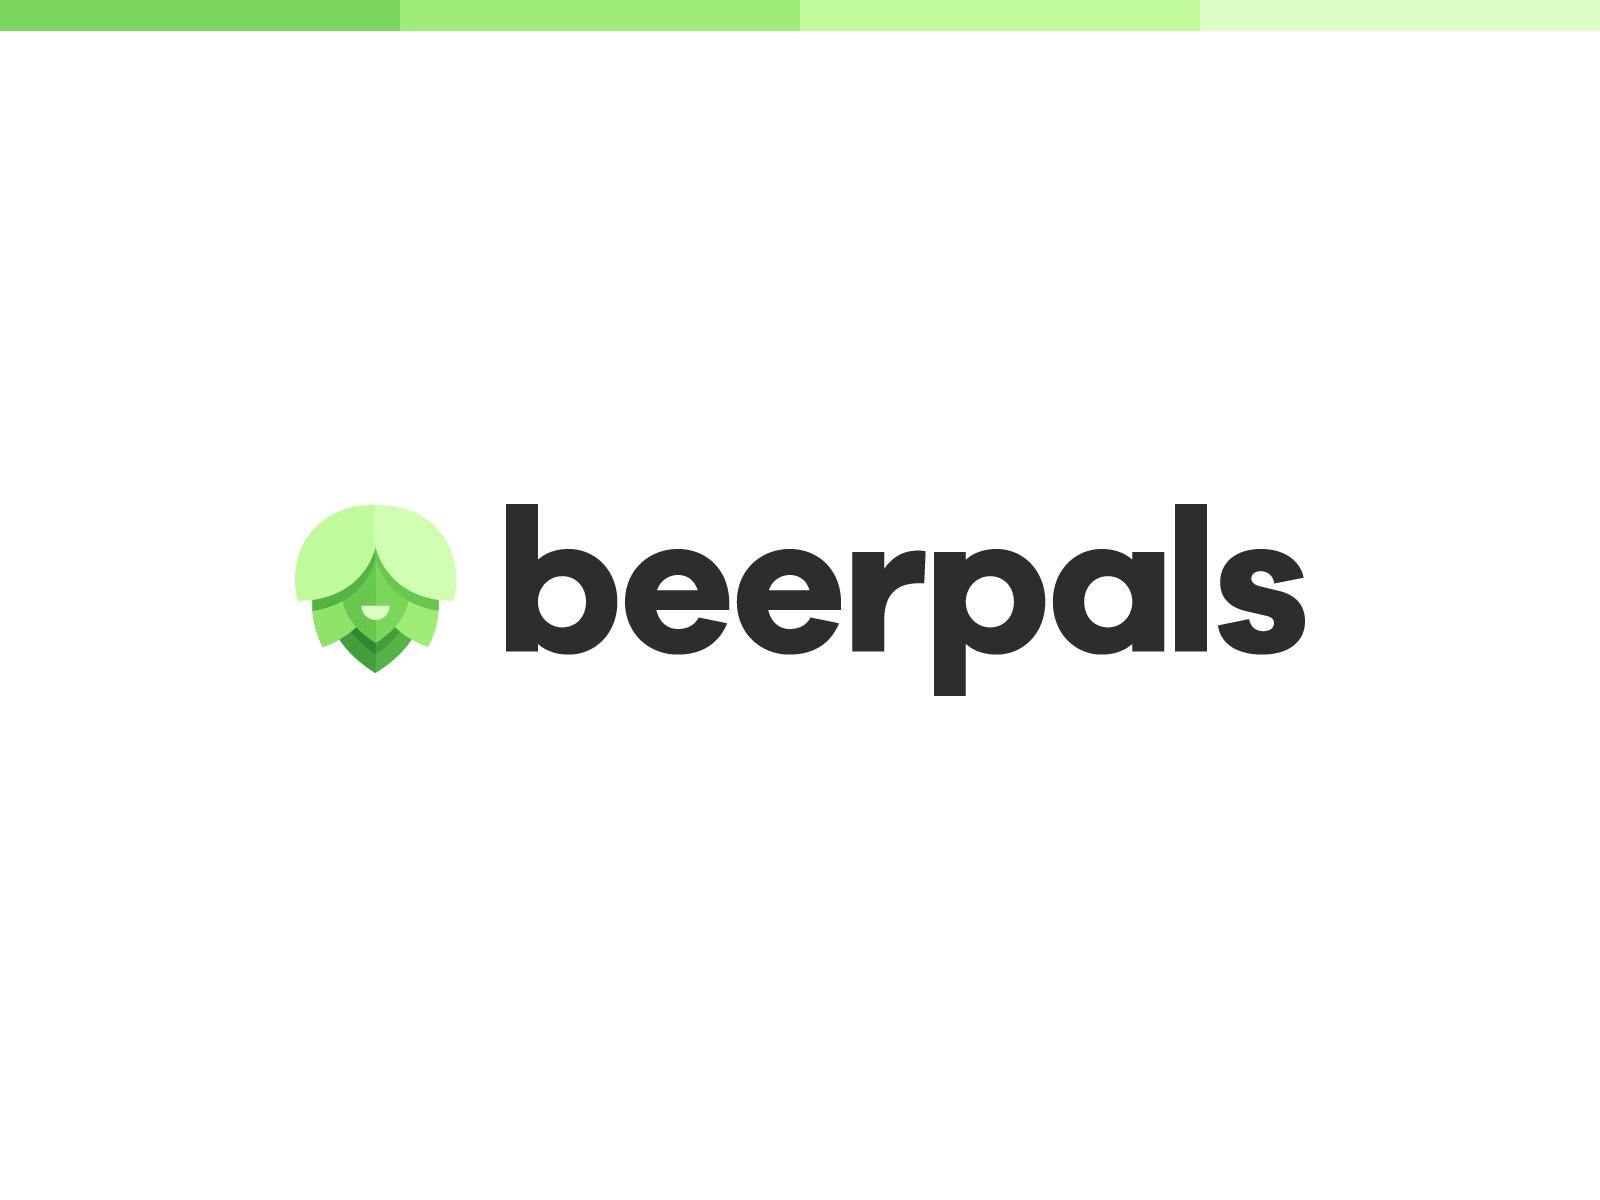 Beerpals dribbble